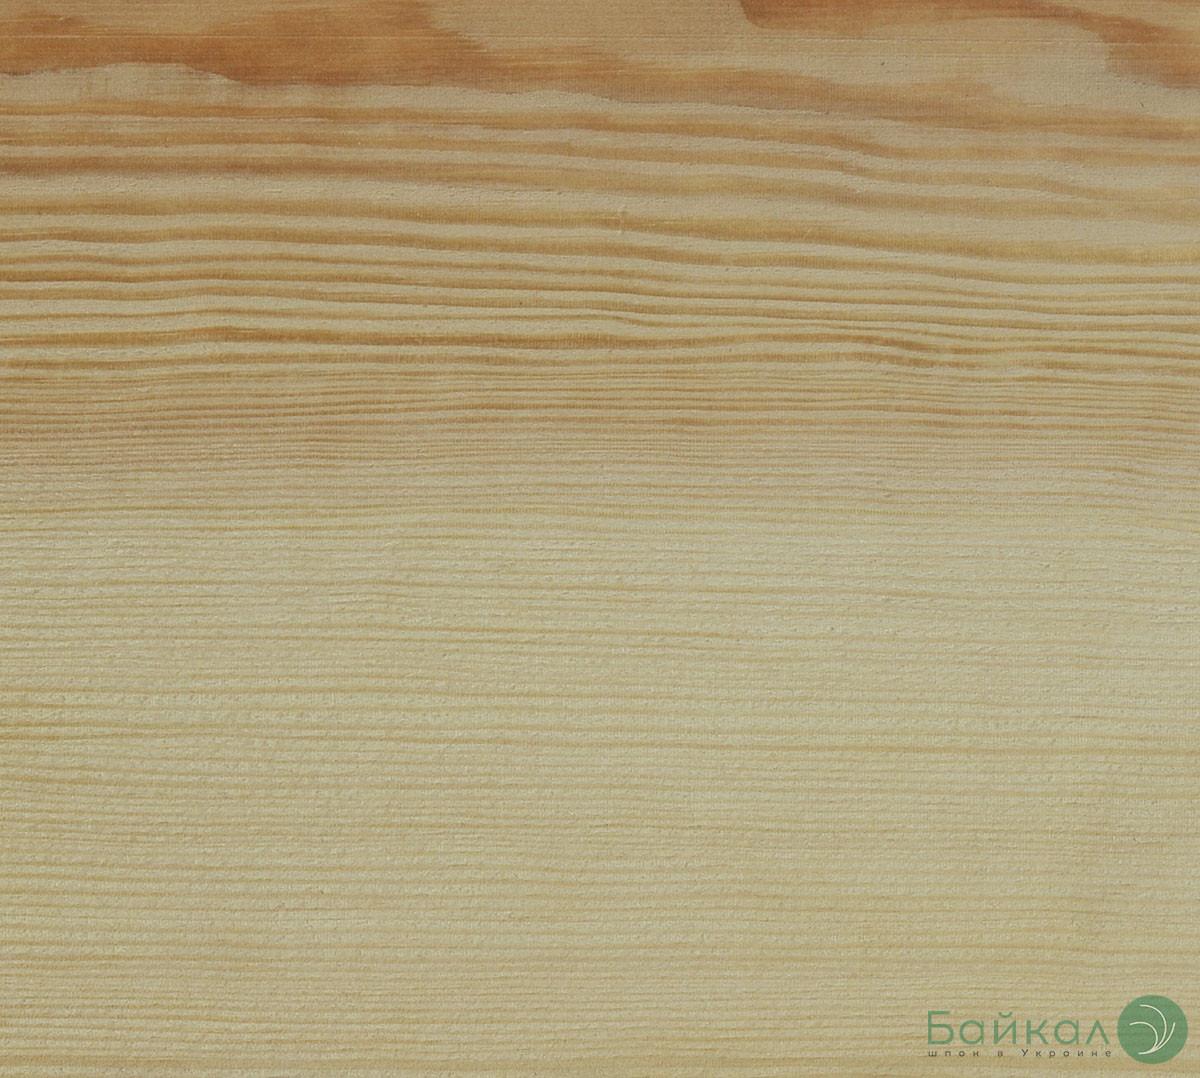 Шпон строганный Сосна (на подложку) 0,6 мм ВС 2,10 м+/9 см+